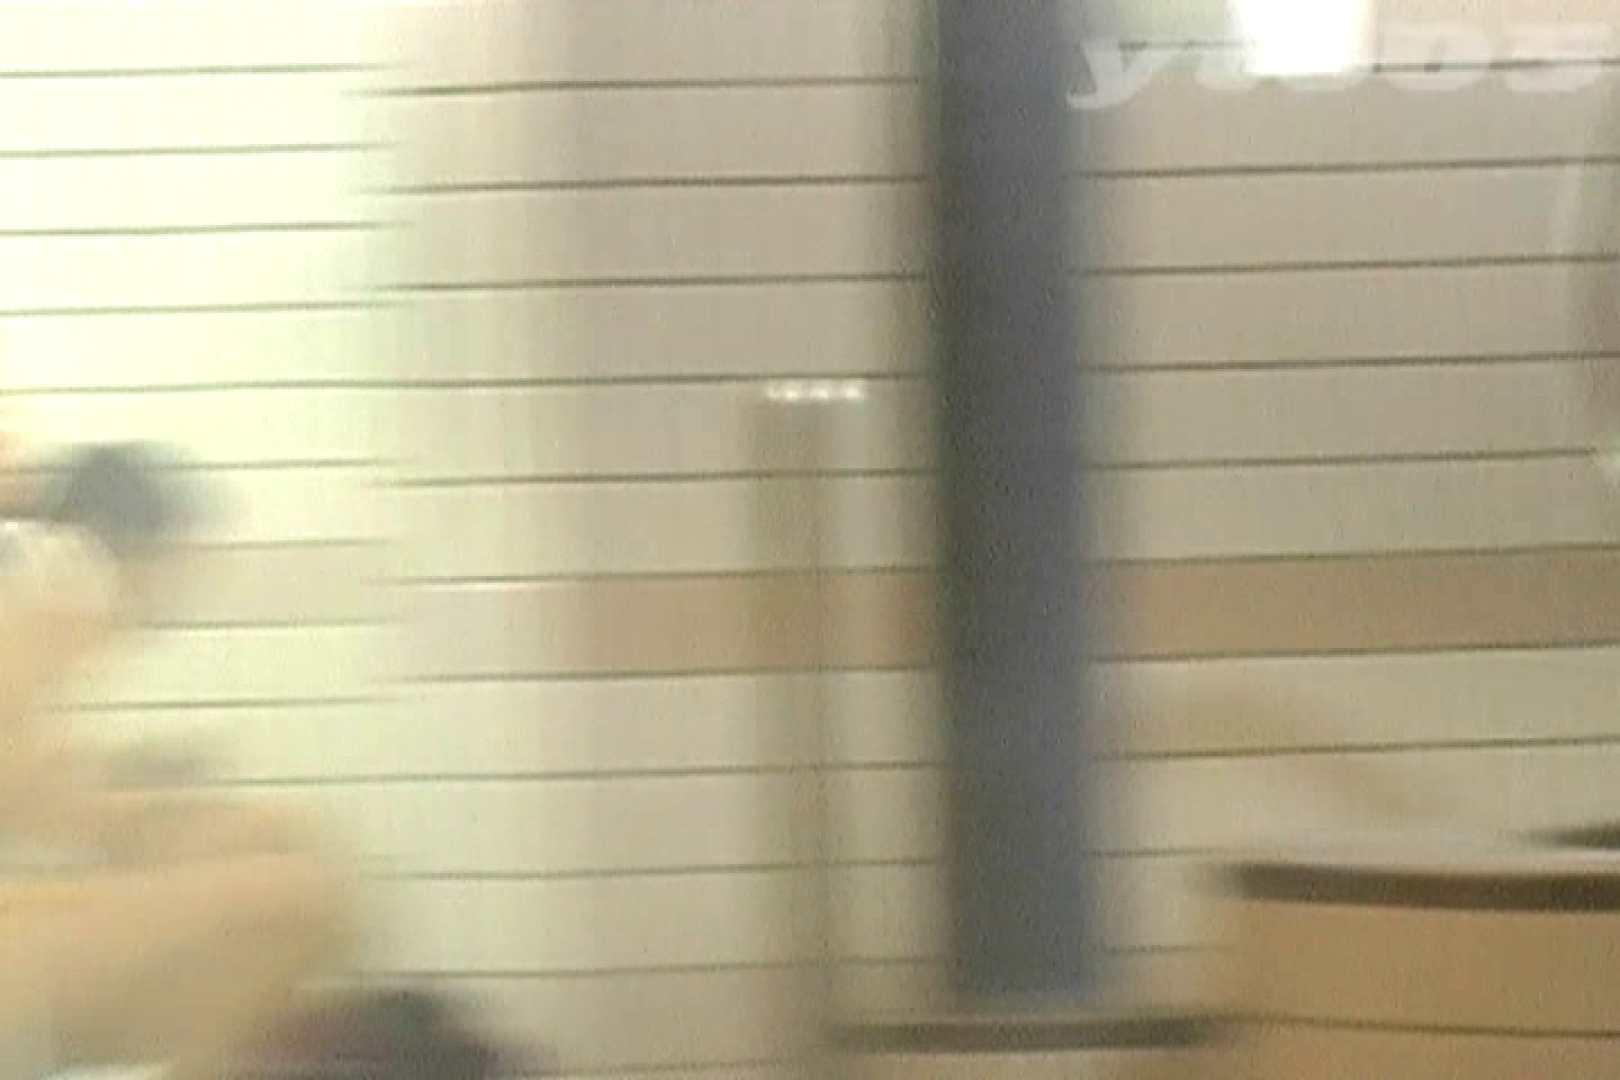 ▲復活限定▲合宿ホテル女風呂盗撮 Vol.28 合宿中の出来事 エロ無料画像 99画像 95